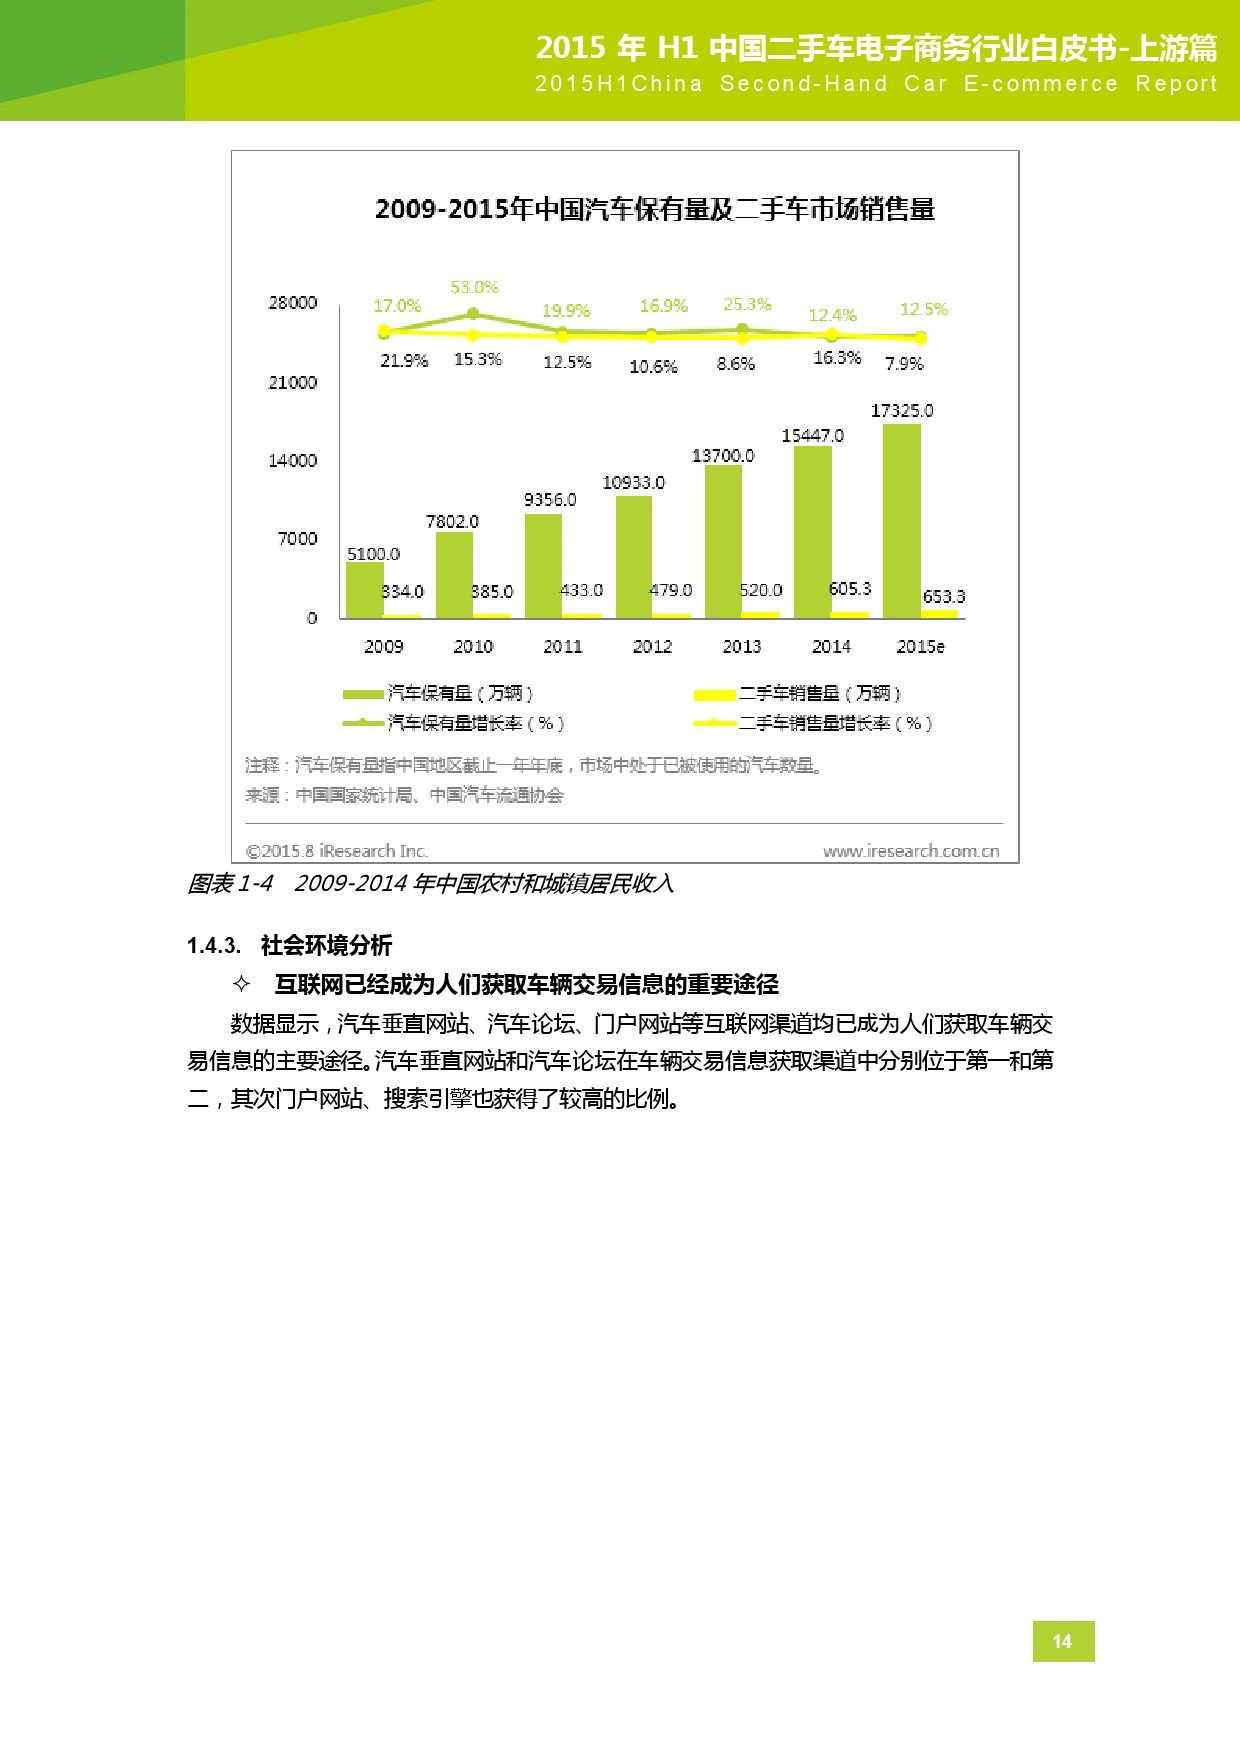 2015年中国二手车电子商务行业白皮书-上游篇_000015